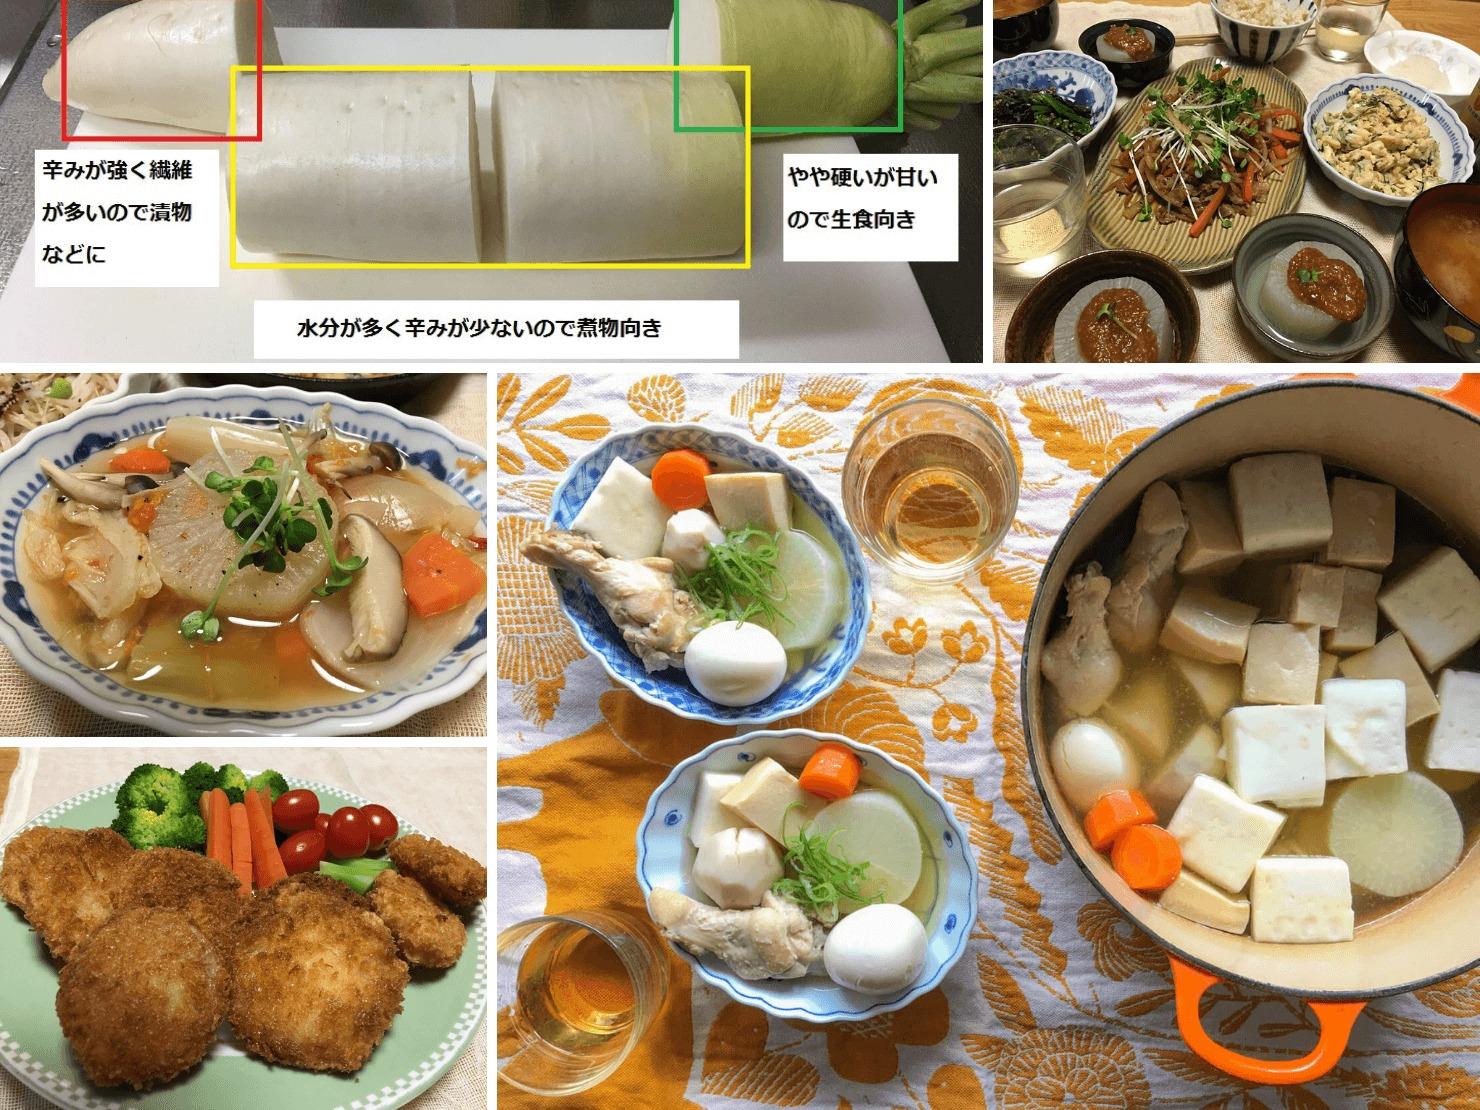 大根料理と大根の写真